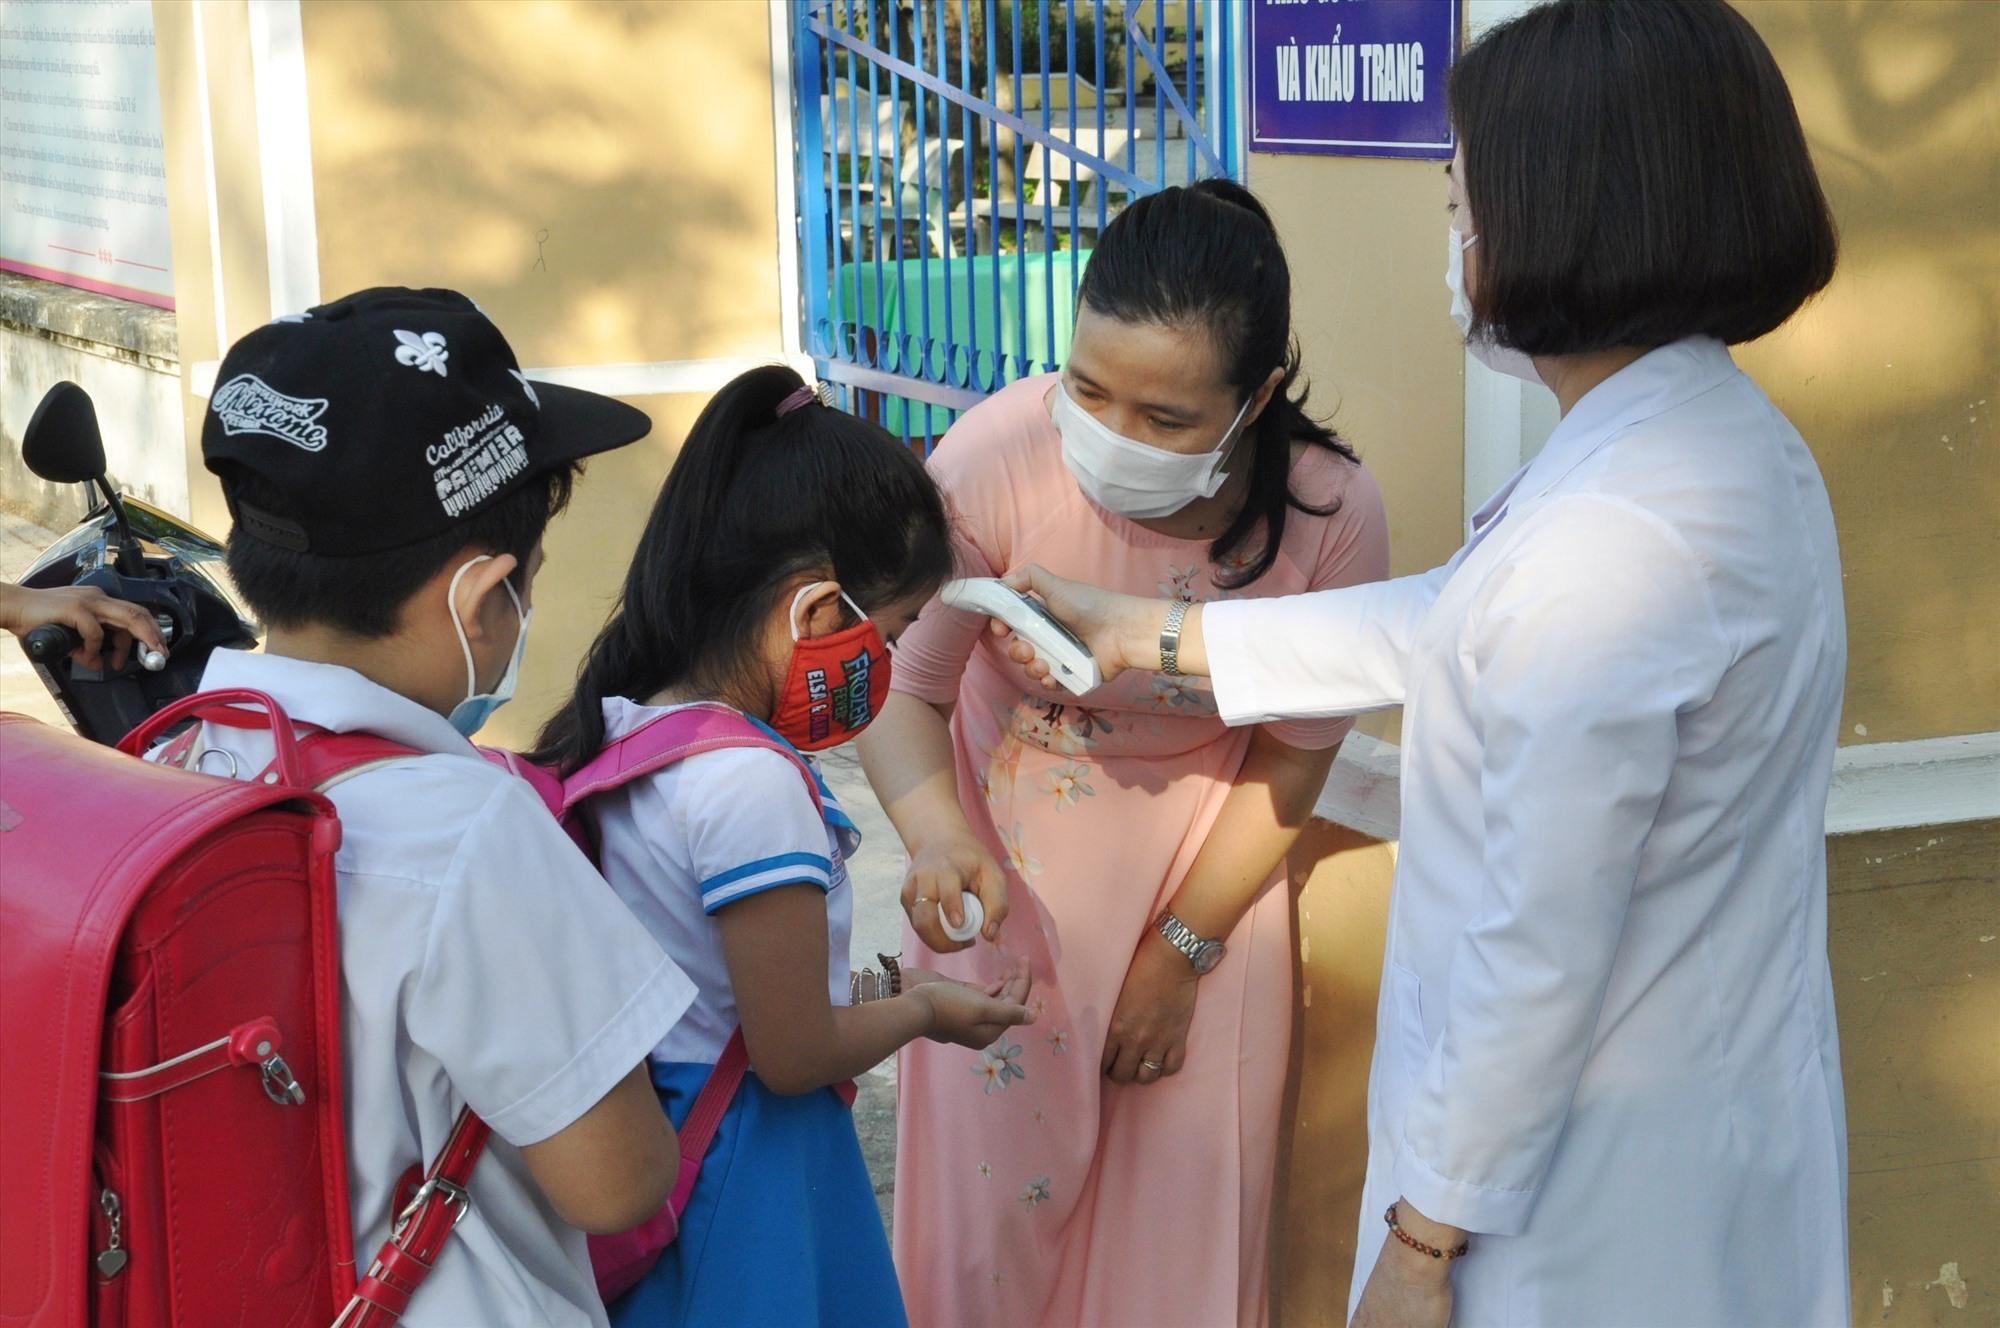 Trường Tiểu học Trần Quốc Toản (Tam Kỳ) tổ chức đo thân nhiệt và khử khuẩn cho HS từ hơn 6 giờ sáng tại cổng trường. Ảnh: X.P